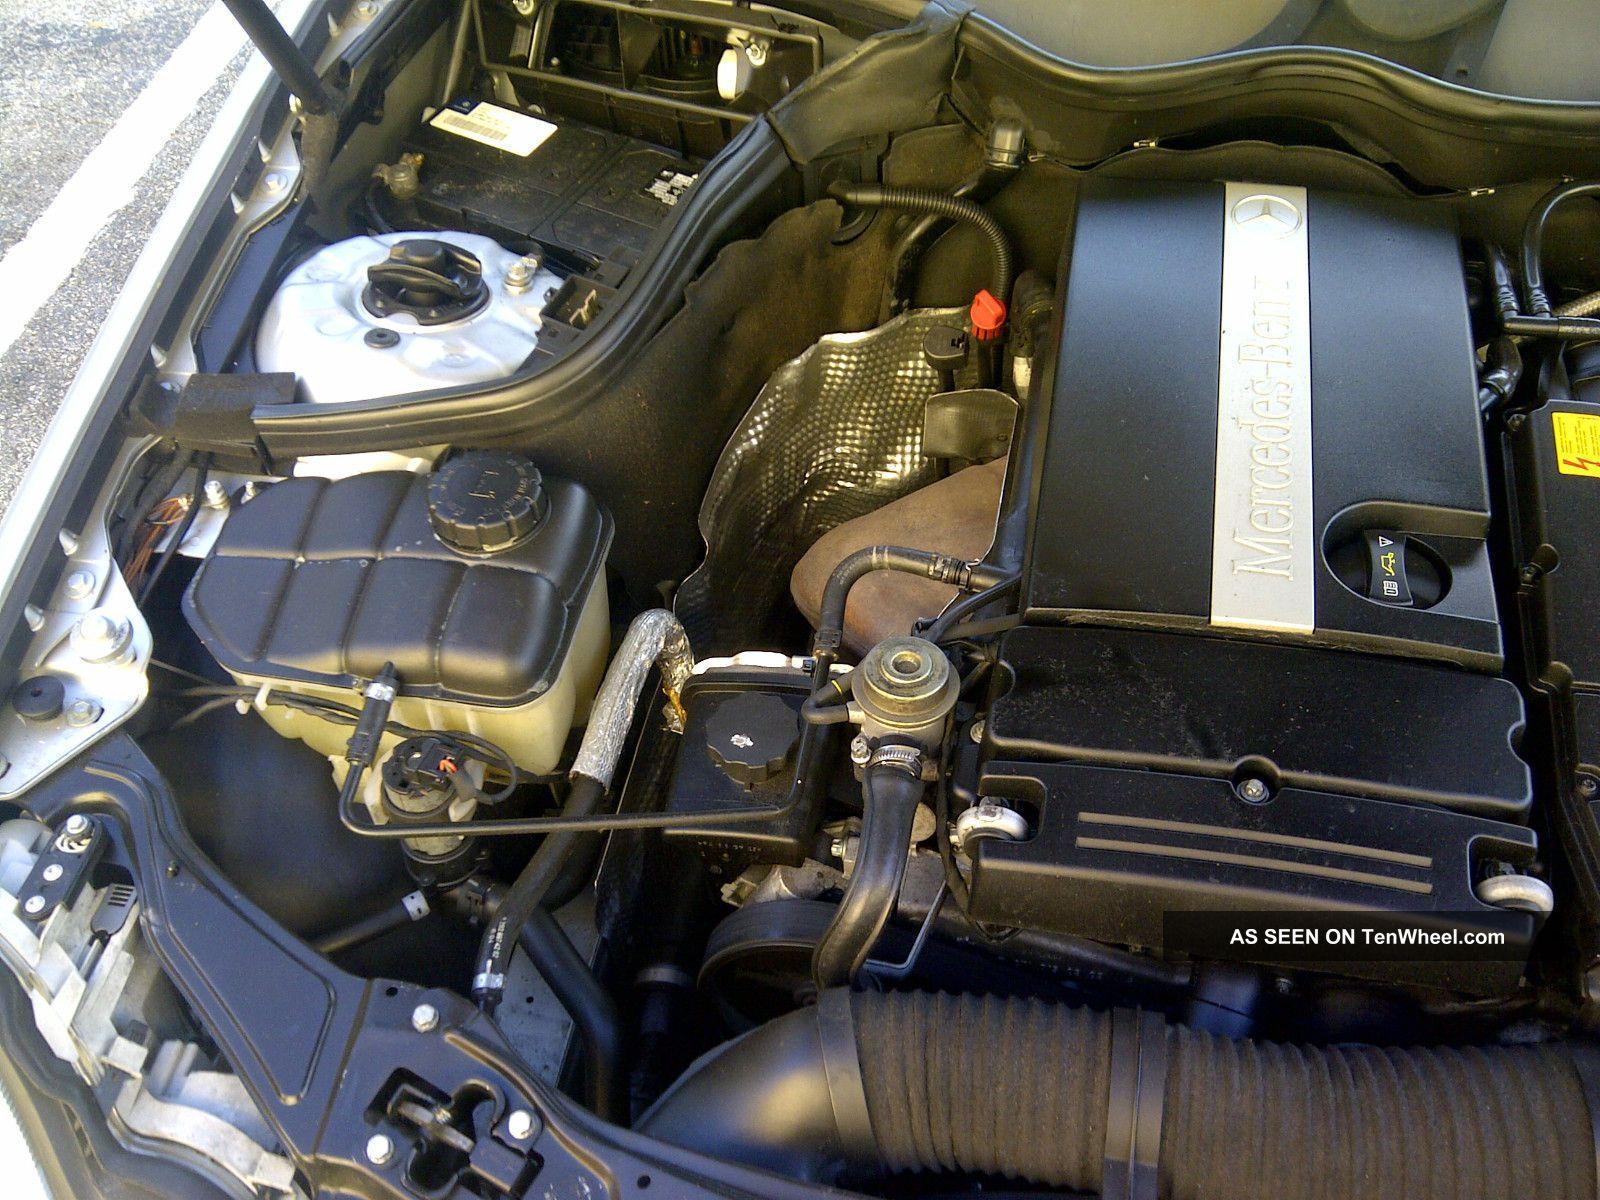 2004 mercedes benz c230 kompressor sedan 4 door 1 8l for Mercedes benz kompressor engine